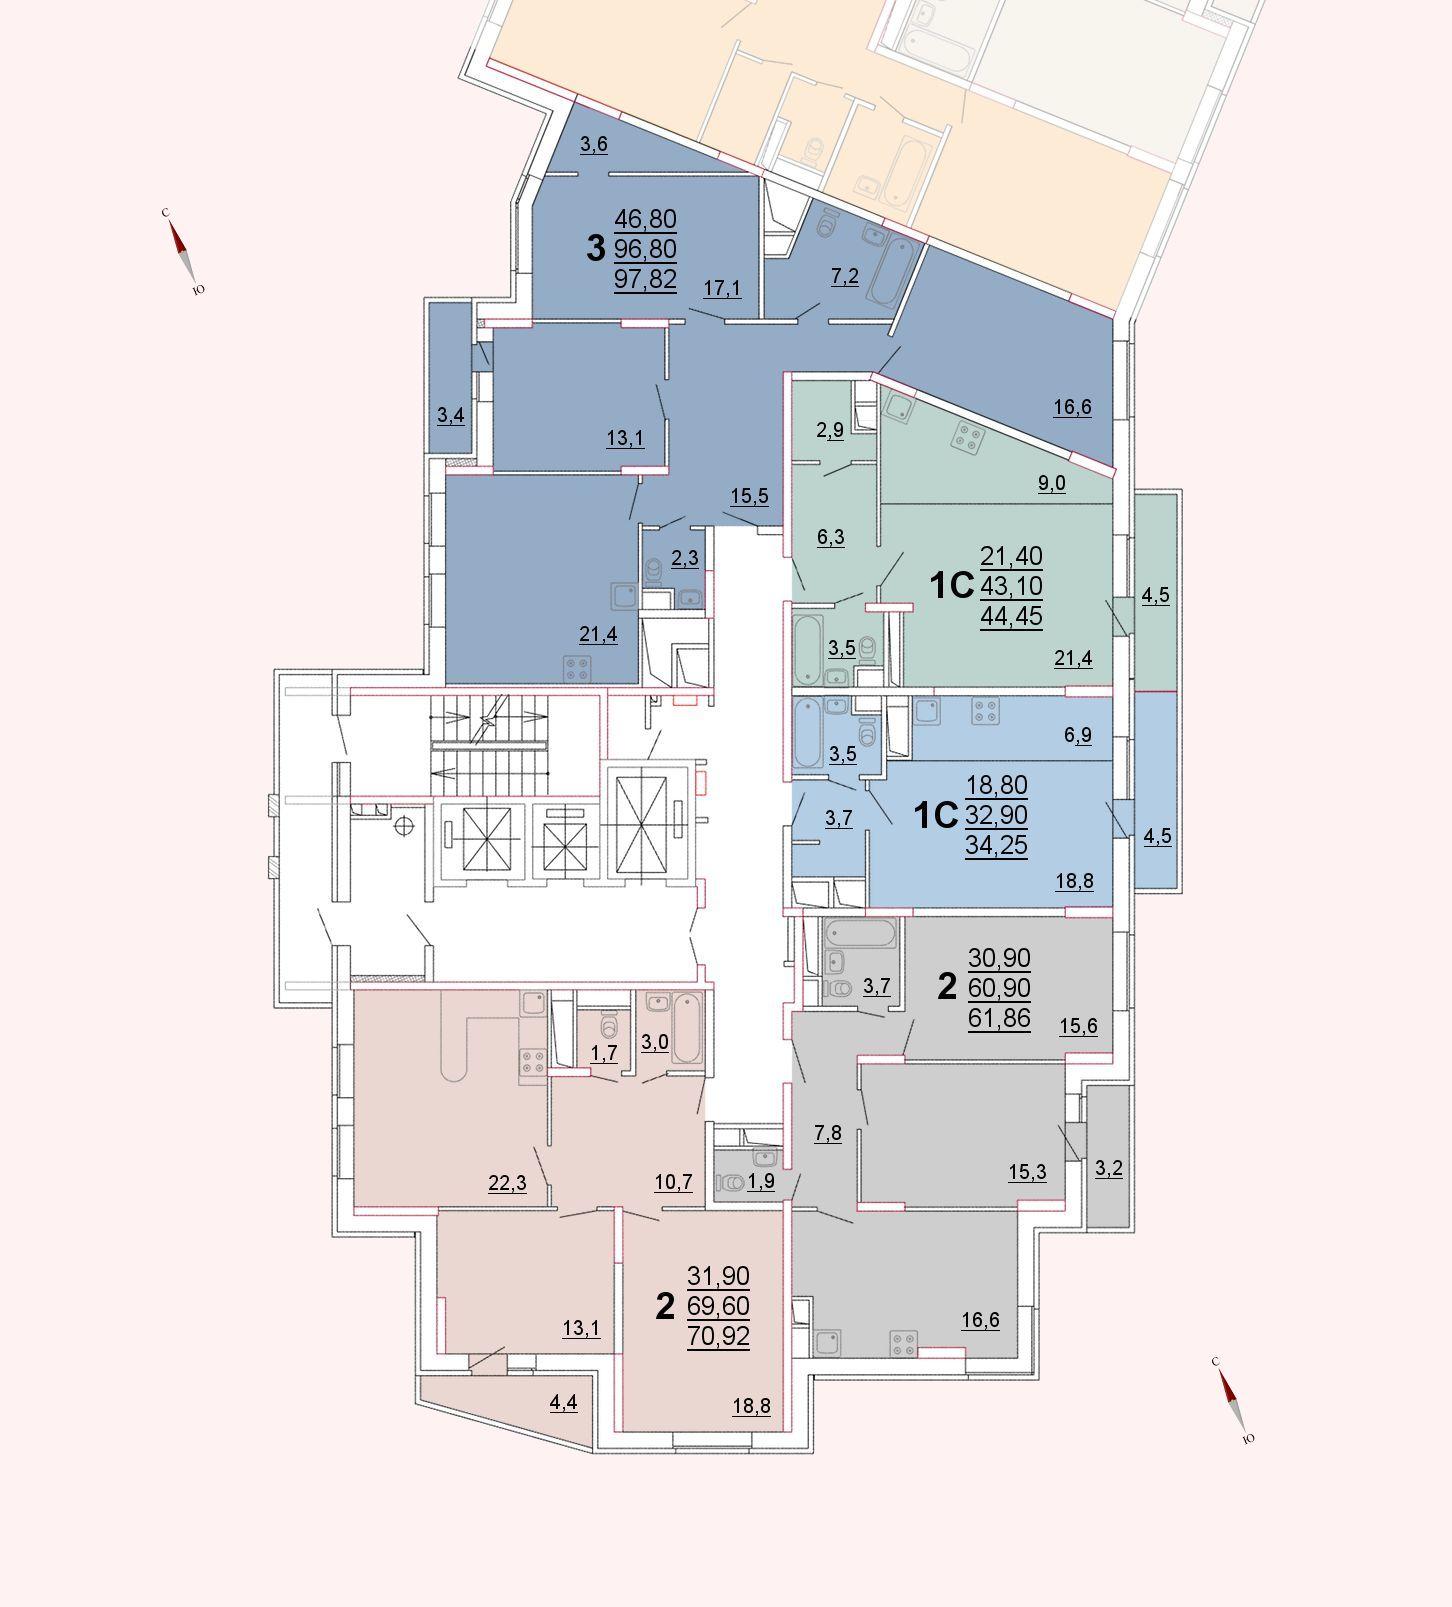 Микрорайон «Центральный», корпус 52а, секция 1, этажи 3-5